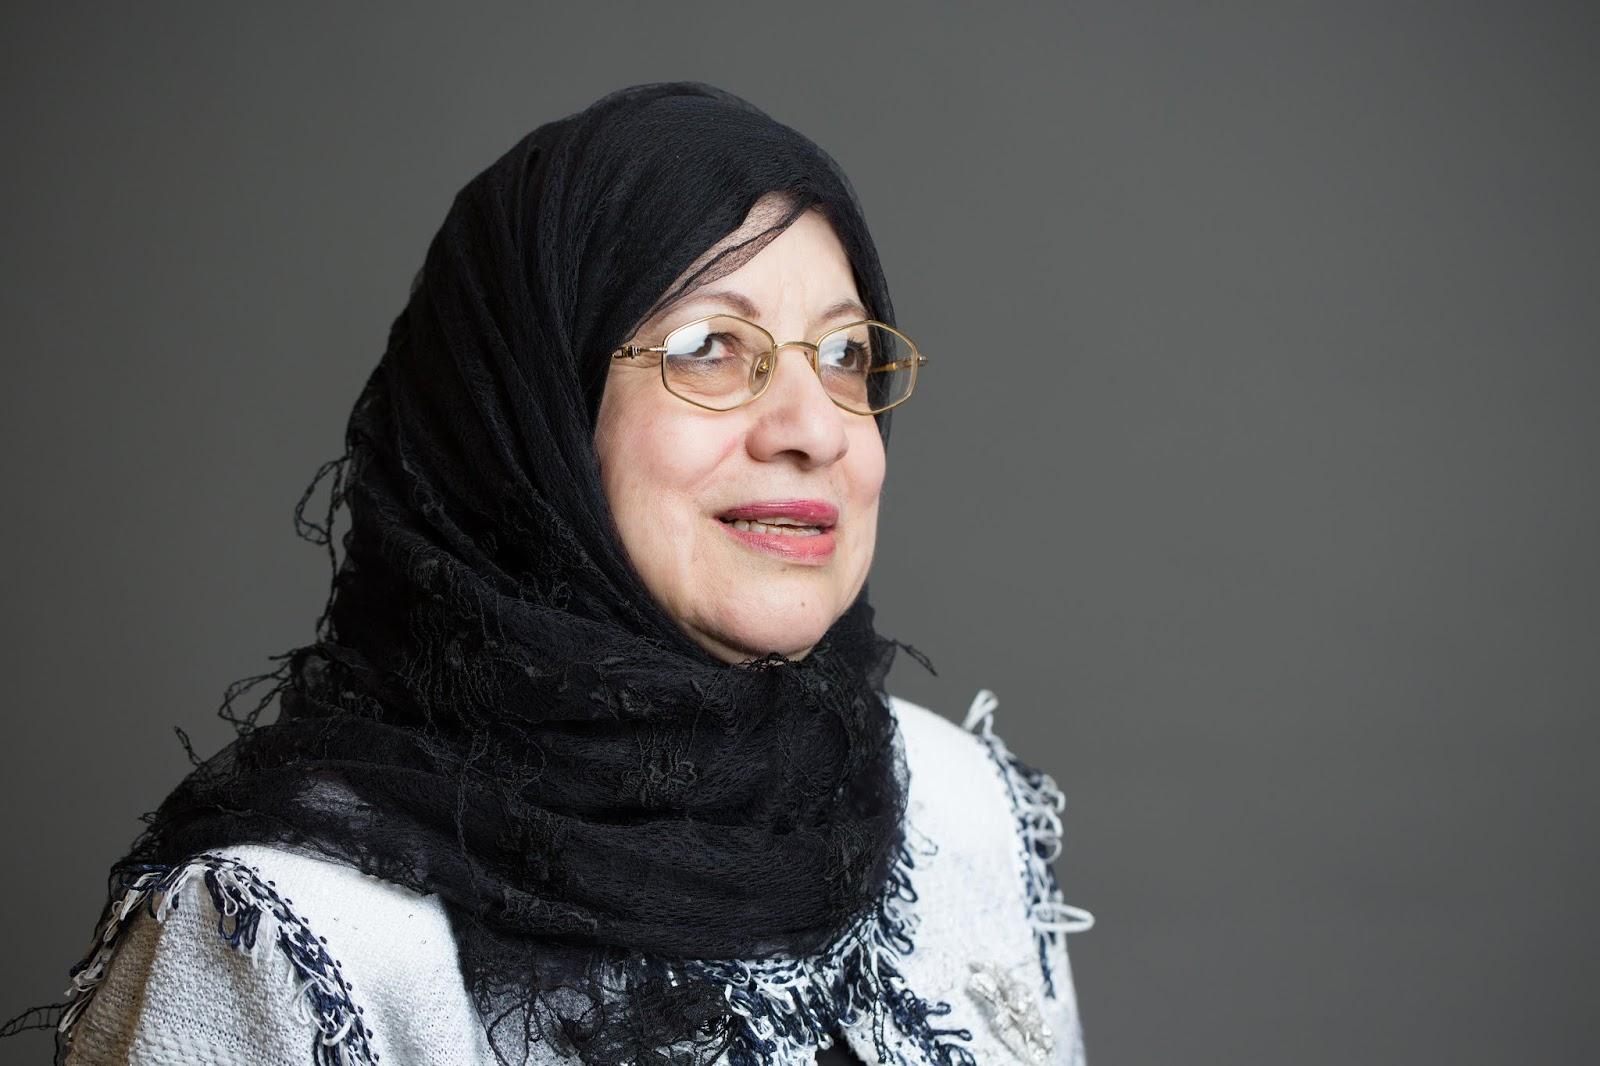 الحجاب واللباس والزينة في مناهجنا الدراسية!(1)